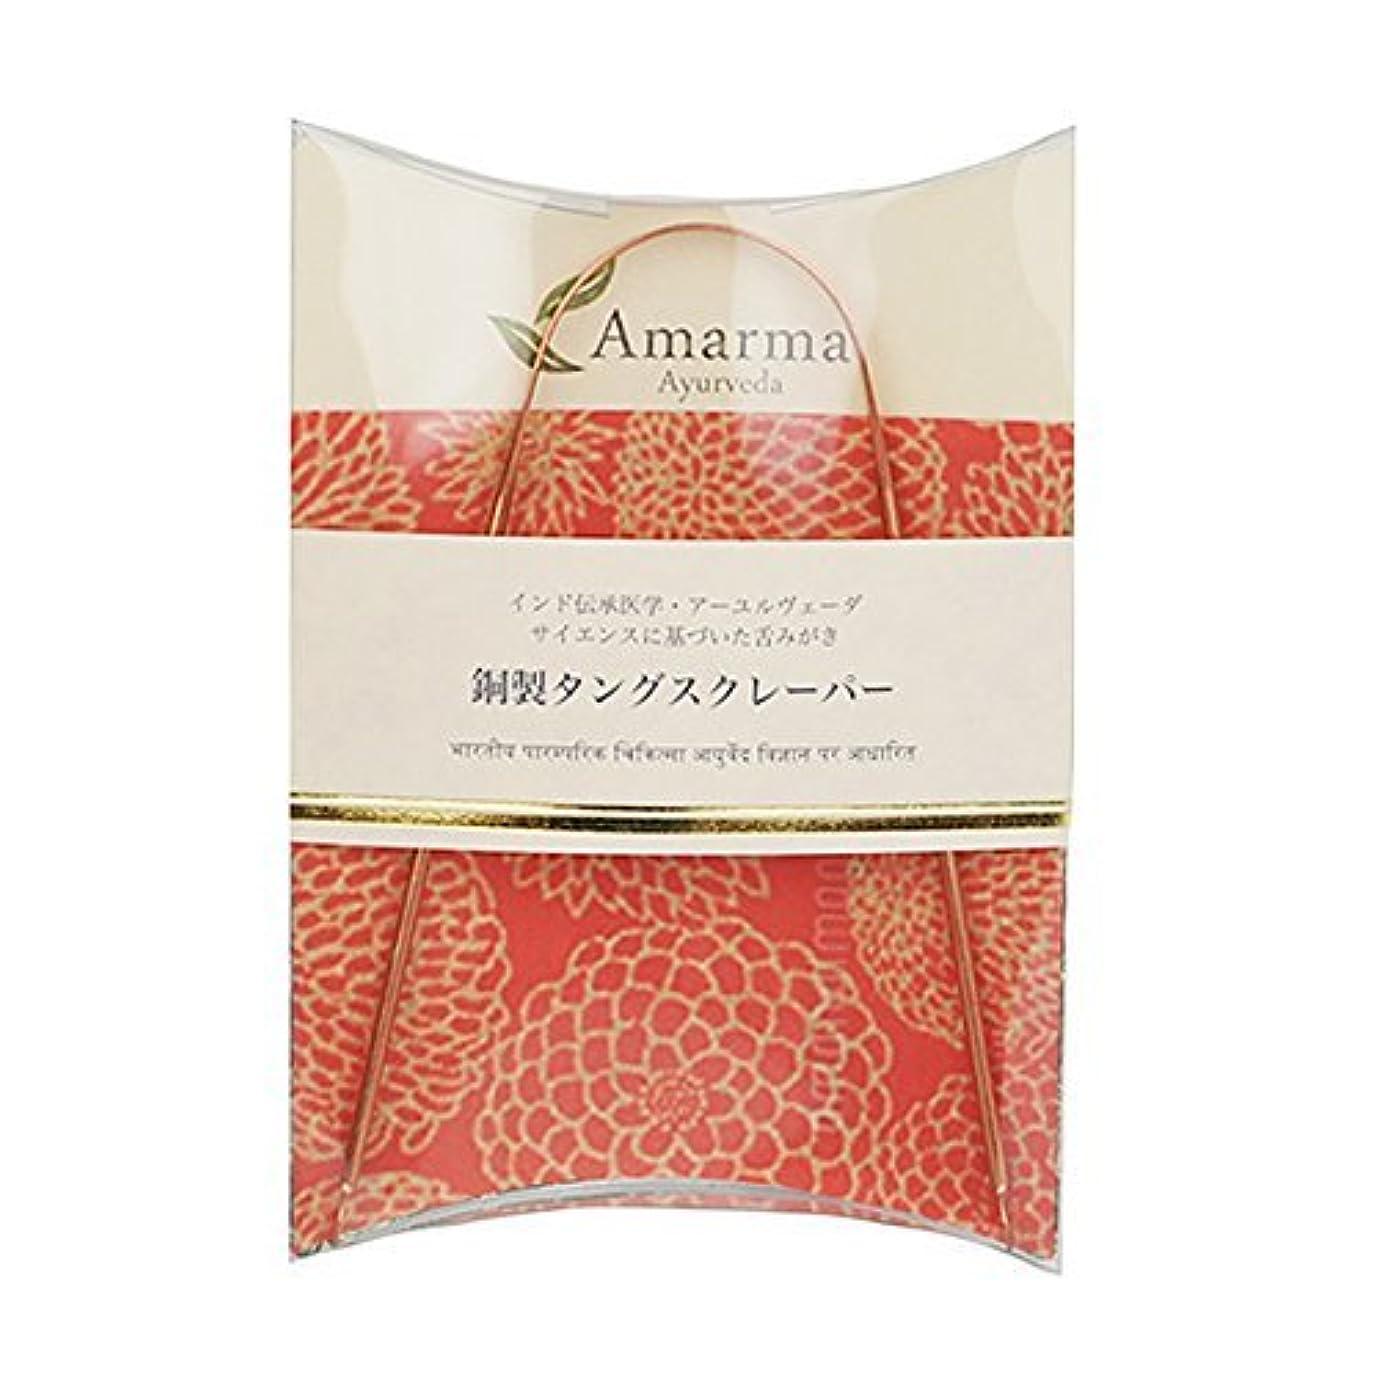 スキャンダルパック急行する銅製タングスクレーパー(舌みがき)日本製